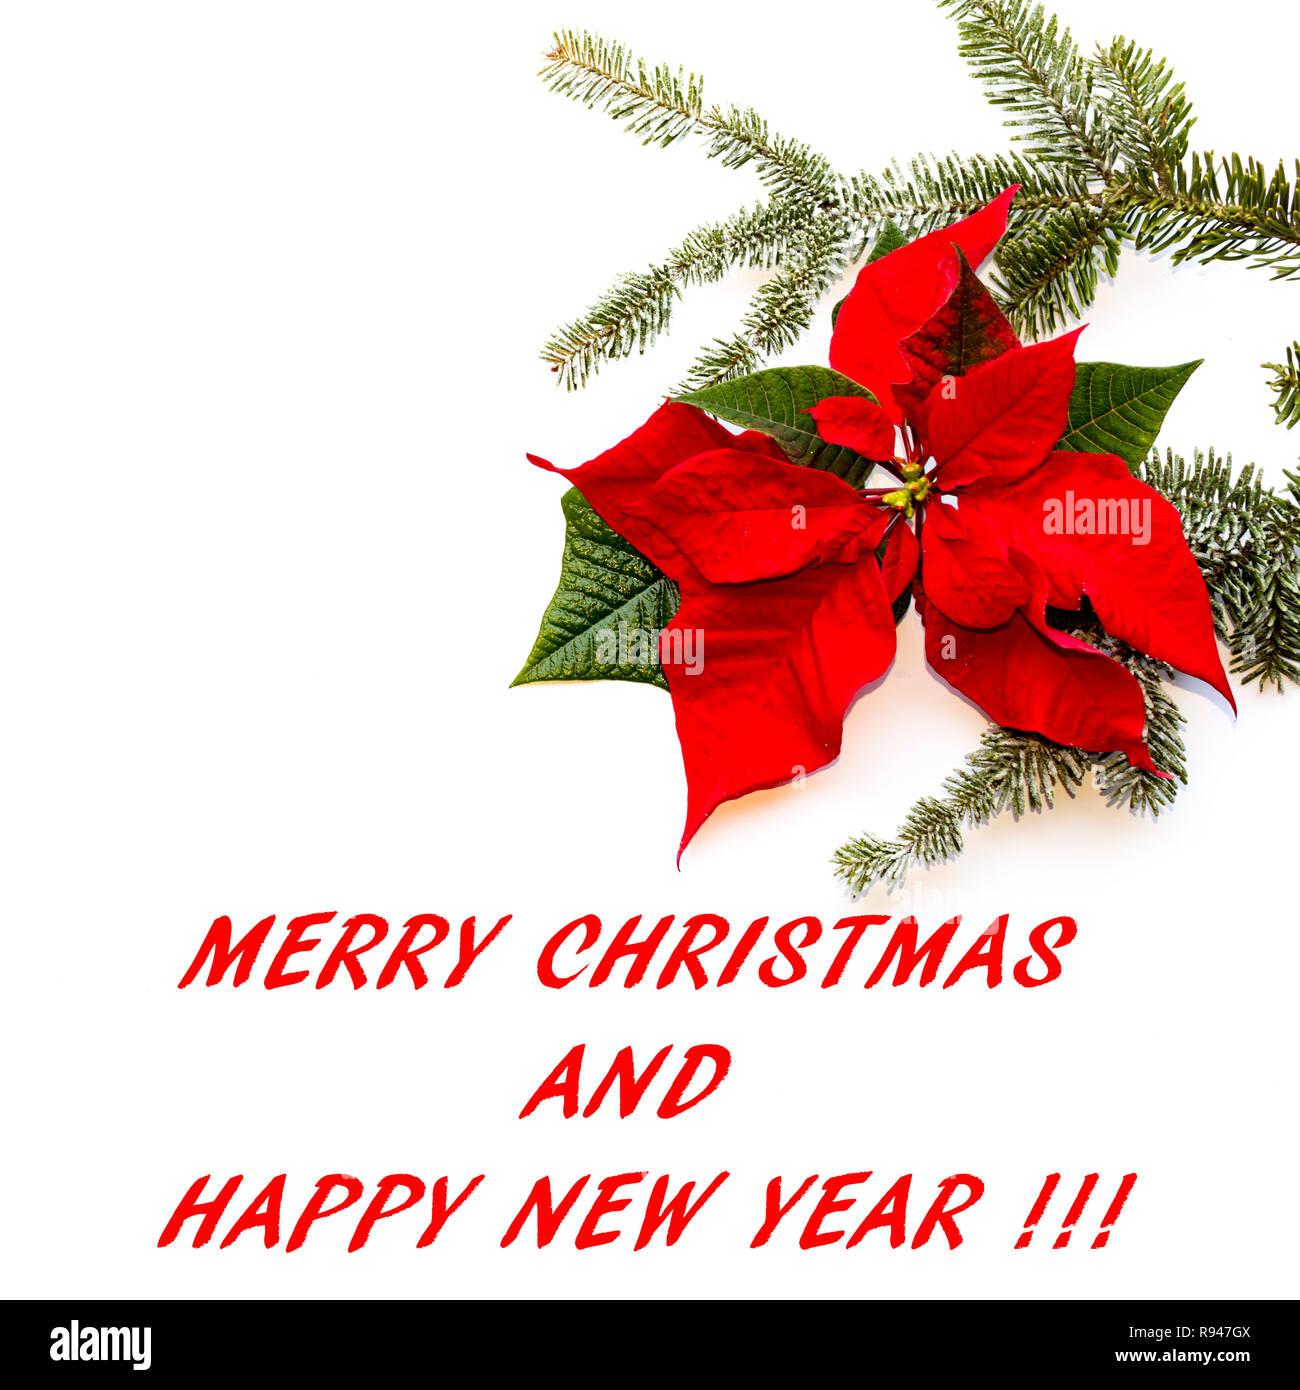 Weihnachtsstern Für Tannenbaum.Weihnachtsstern Blume Mit Tannenbaum Und Schnee Auf Weißem